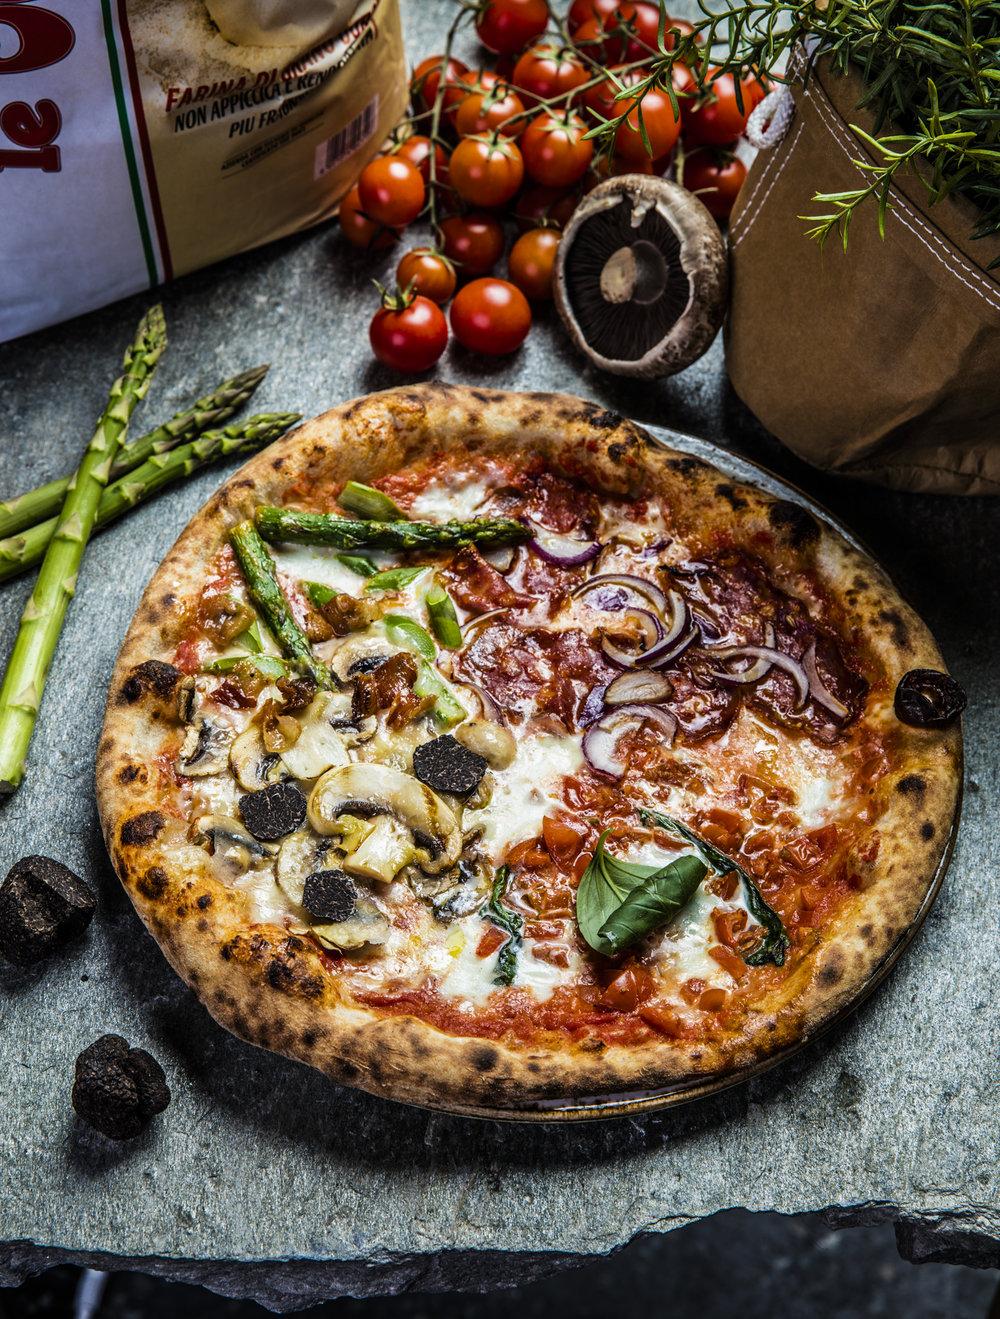 paleet-pizza-4stagioni-7368.jpg